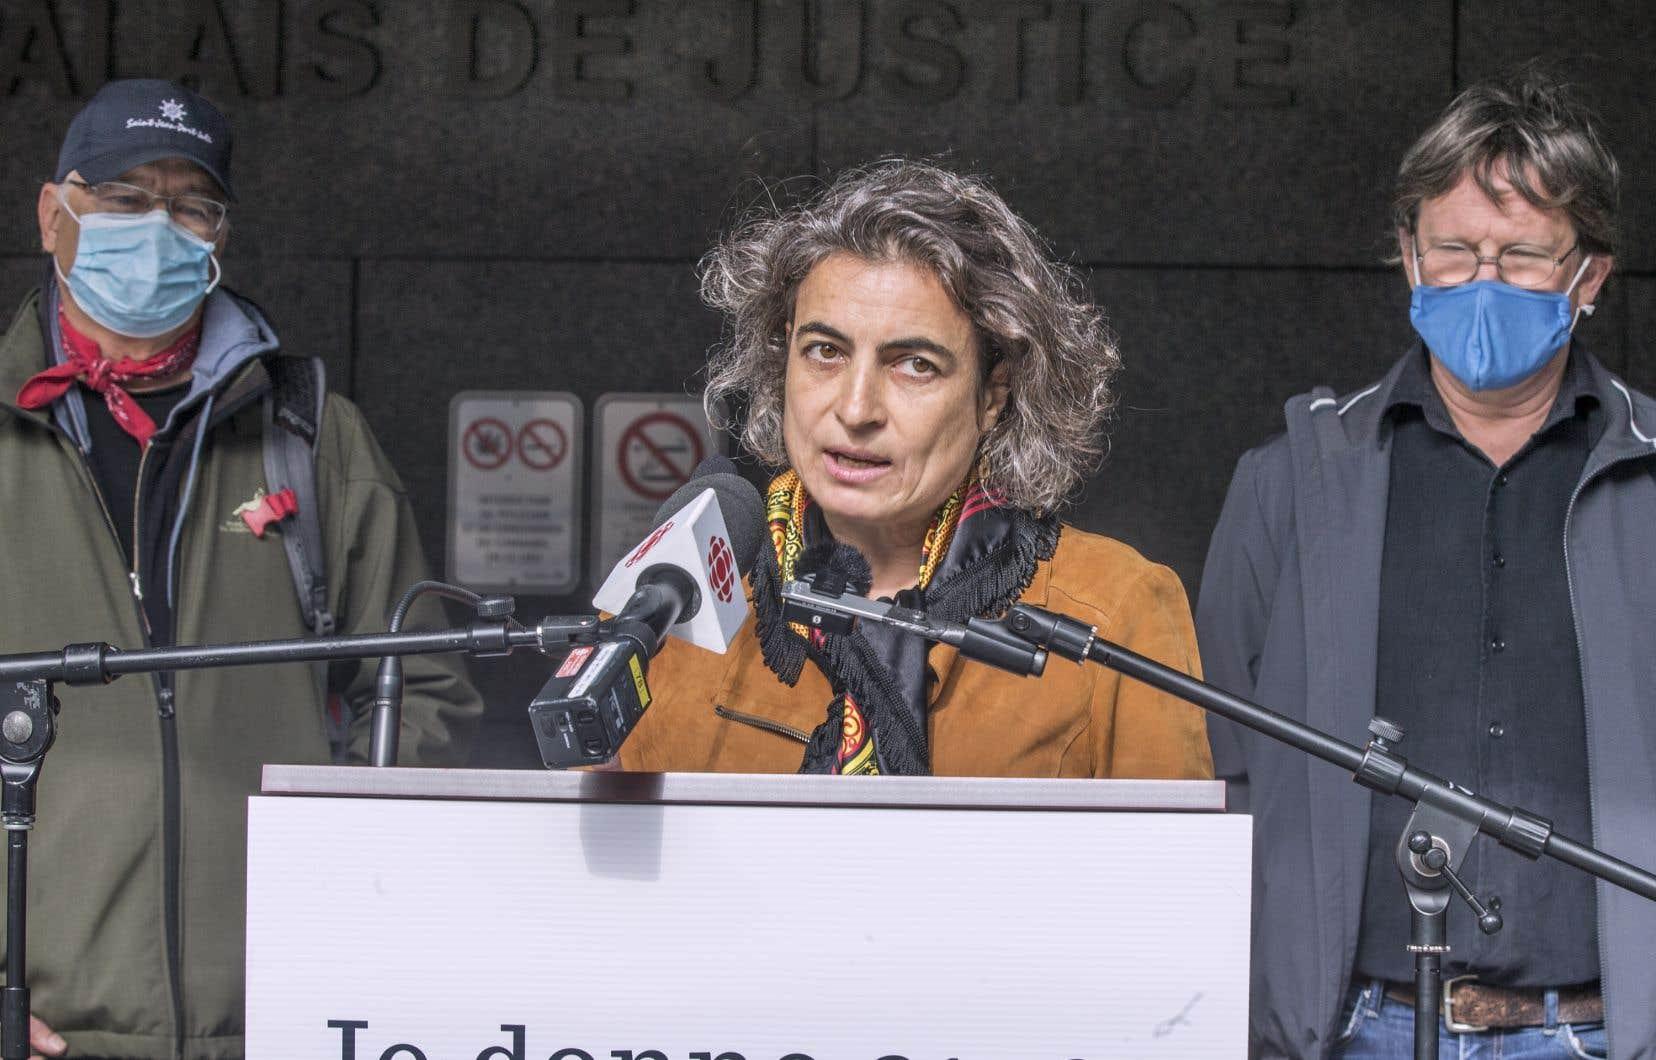 Nadia El-Mabrouk, du Mouvement laïque québécois, avait déjà prononcé publiquement en septembre son appui au gouvernement dans sa défense juridique de la Loi sur la laïcité de l'État.